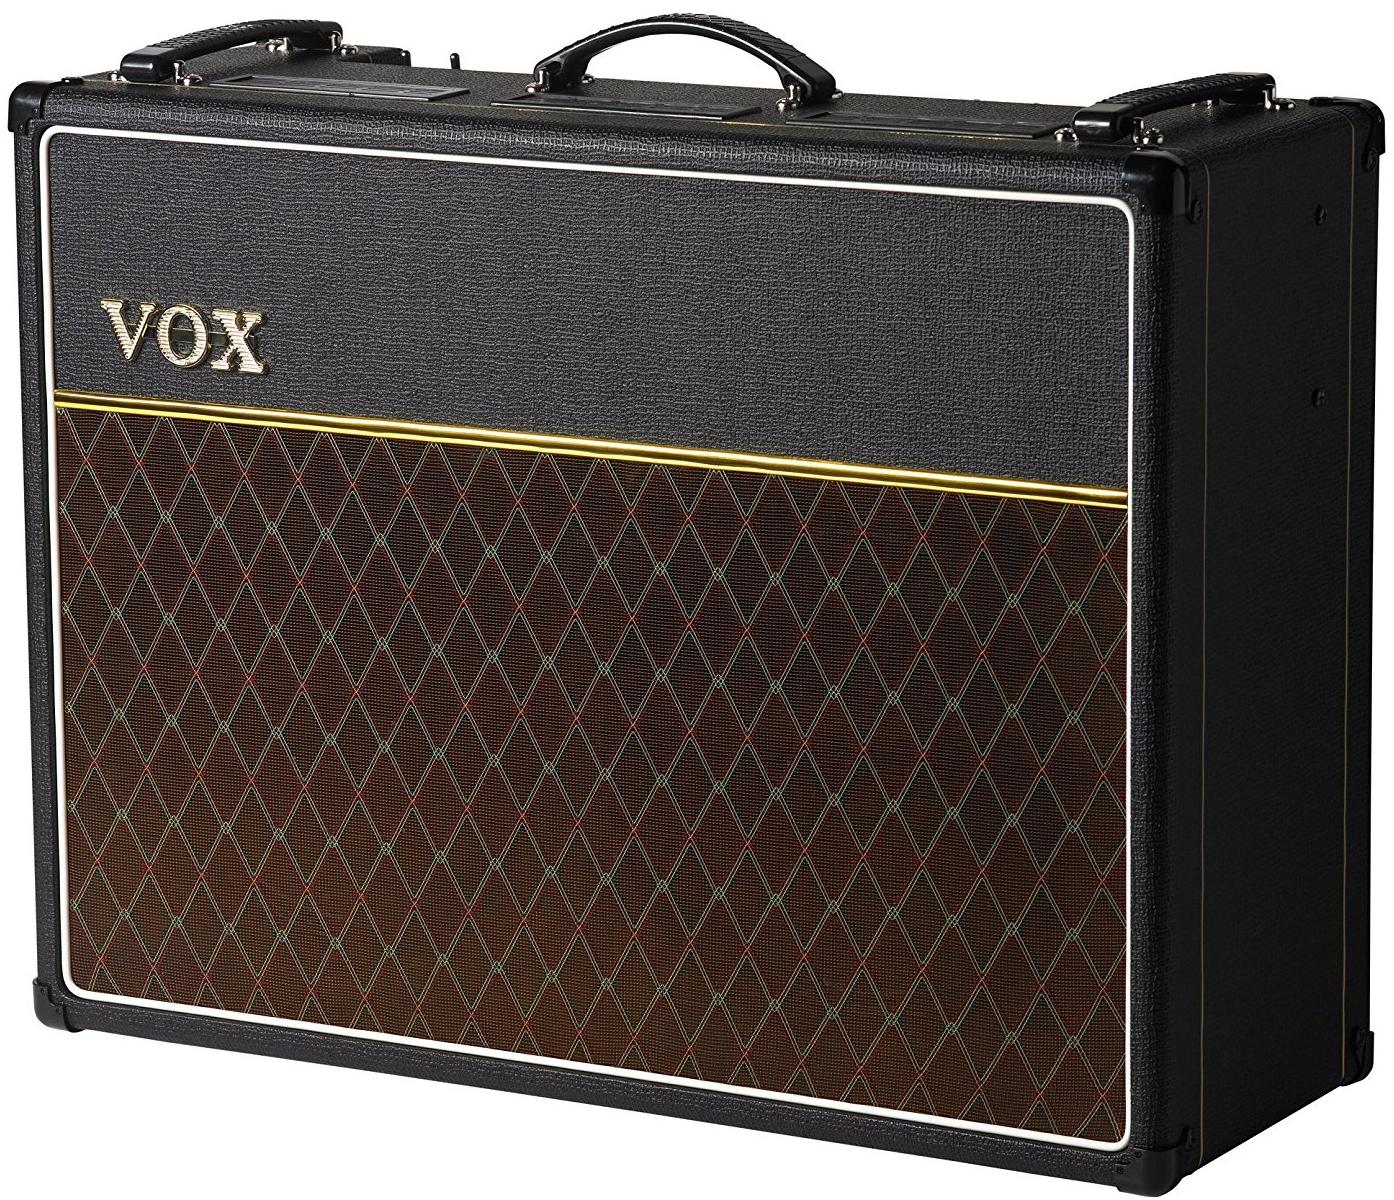 【送料無料】VOX AC30C2X ヴォックス ギター用 30W 真空管アンプ Alnico Blue スピーカー搭載【お取り寄せ品】